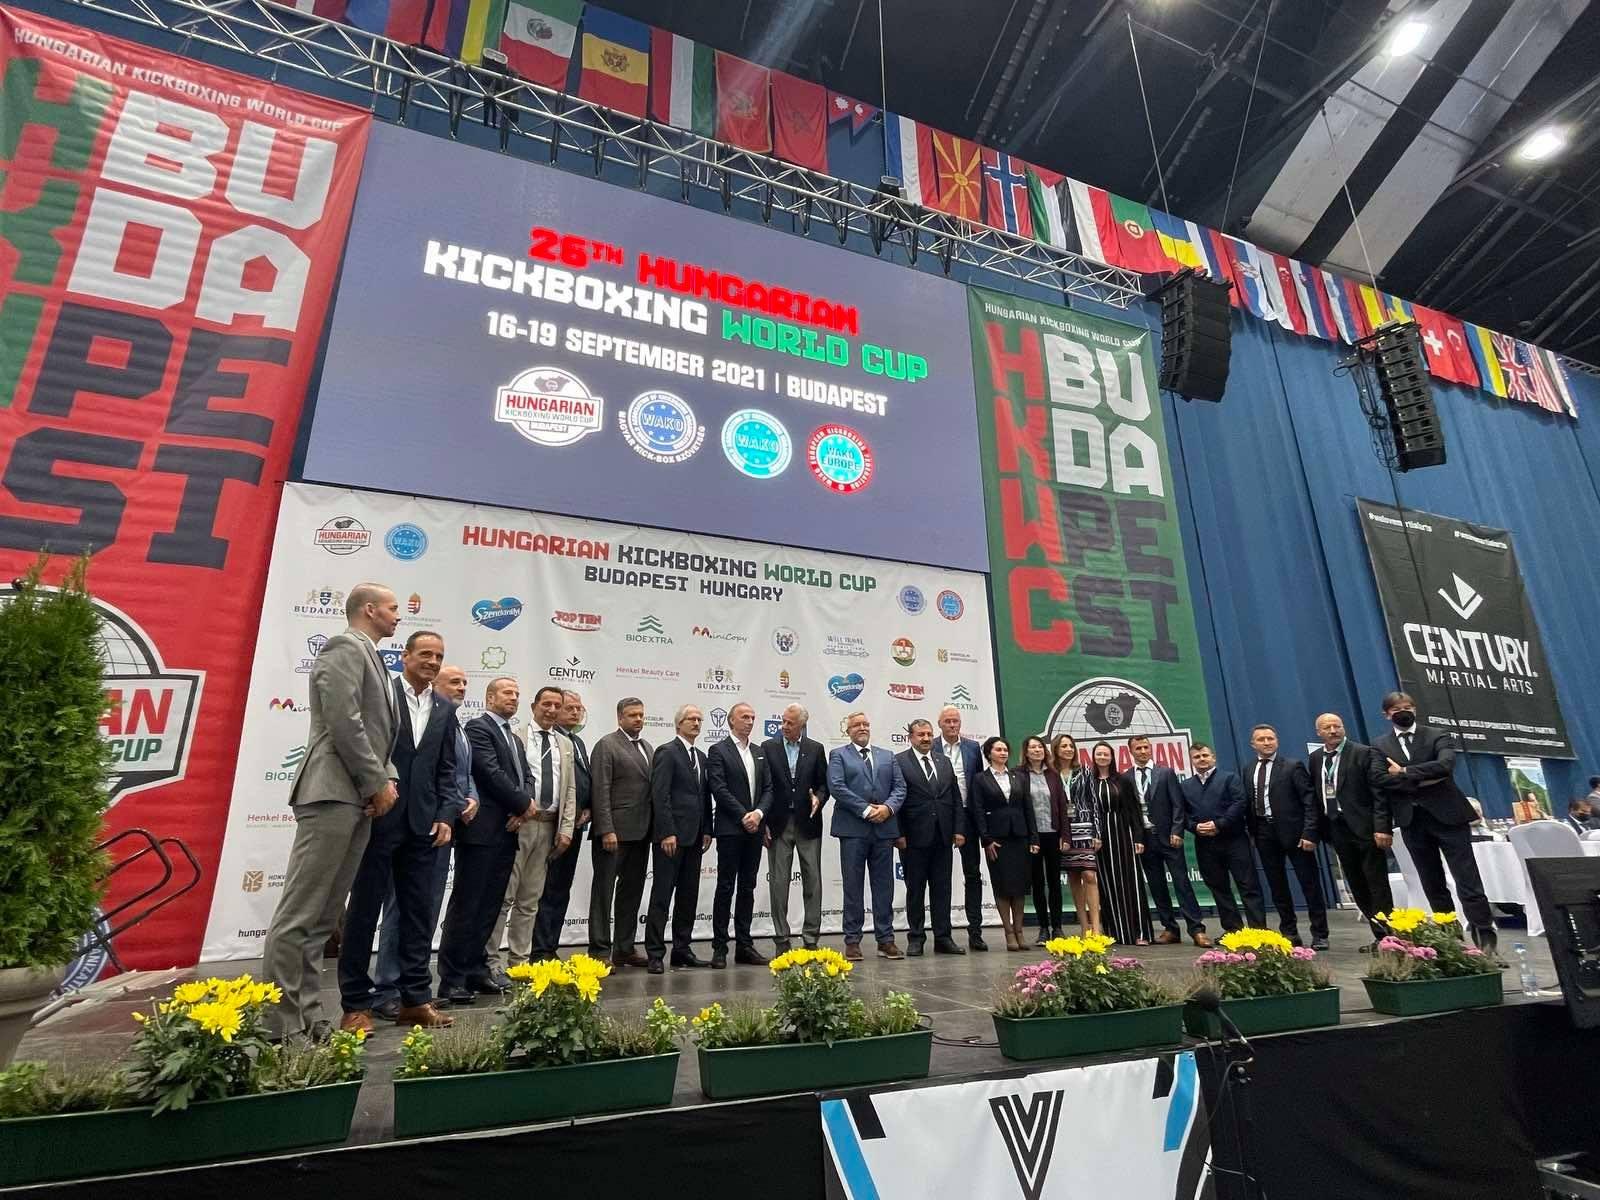 Българин влезе в борда на директорите на Европейската кикбокс организация